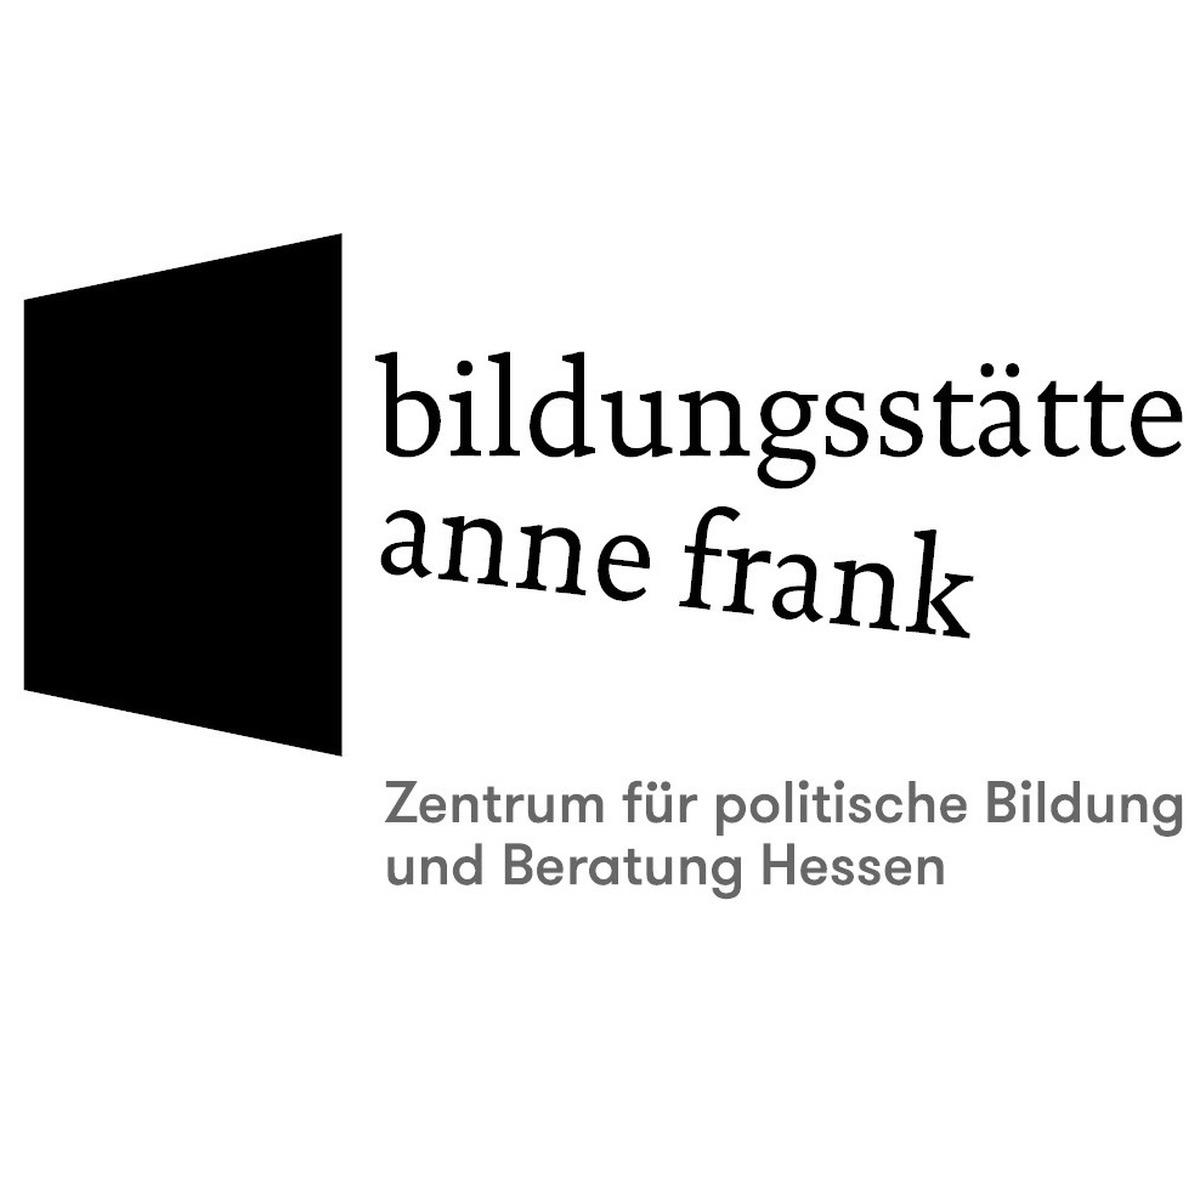 Stellvertretende*r Direktor*in Schwerpunkt: Digitale Bildungsformate in Frankfurt am Main